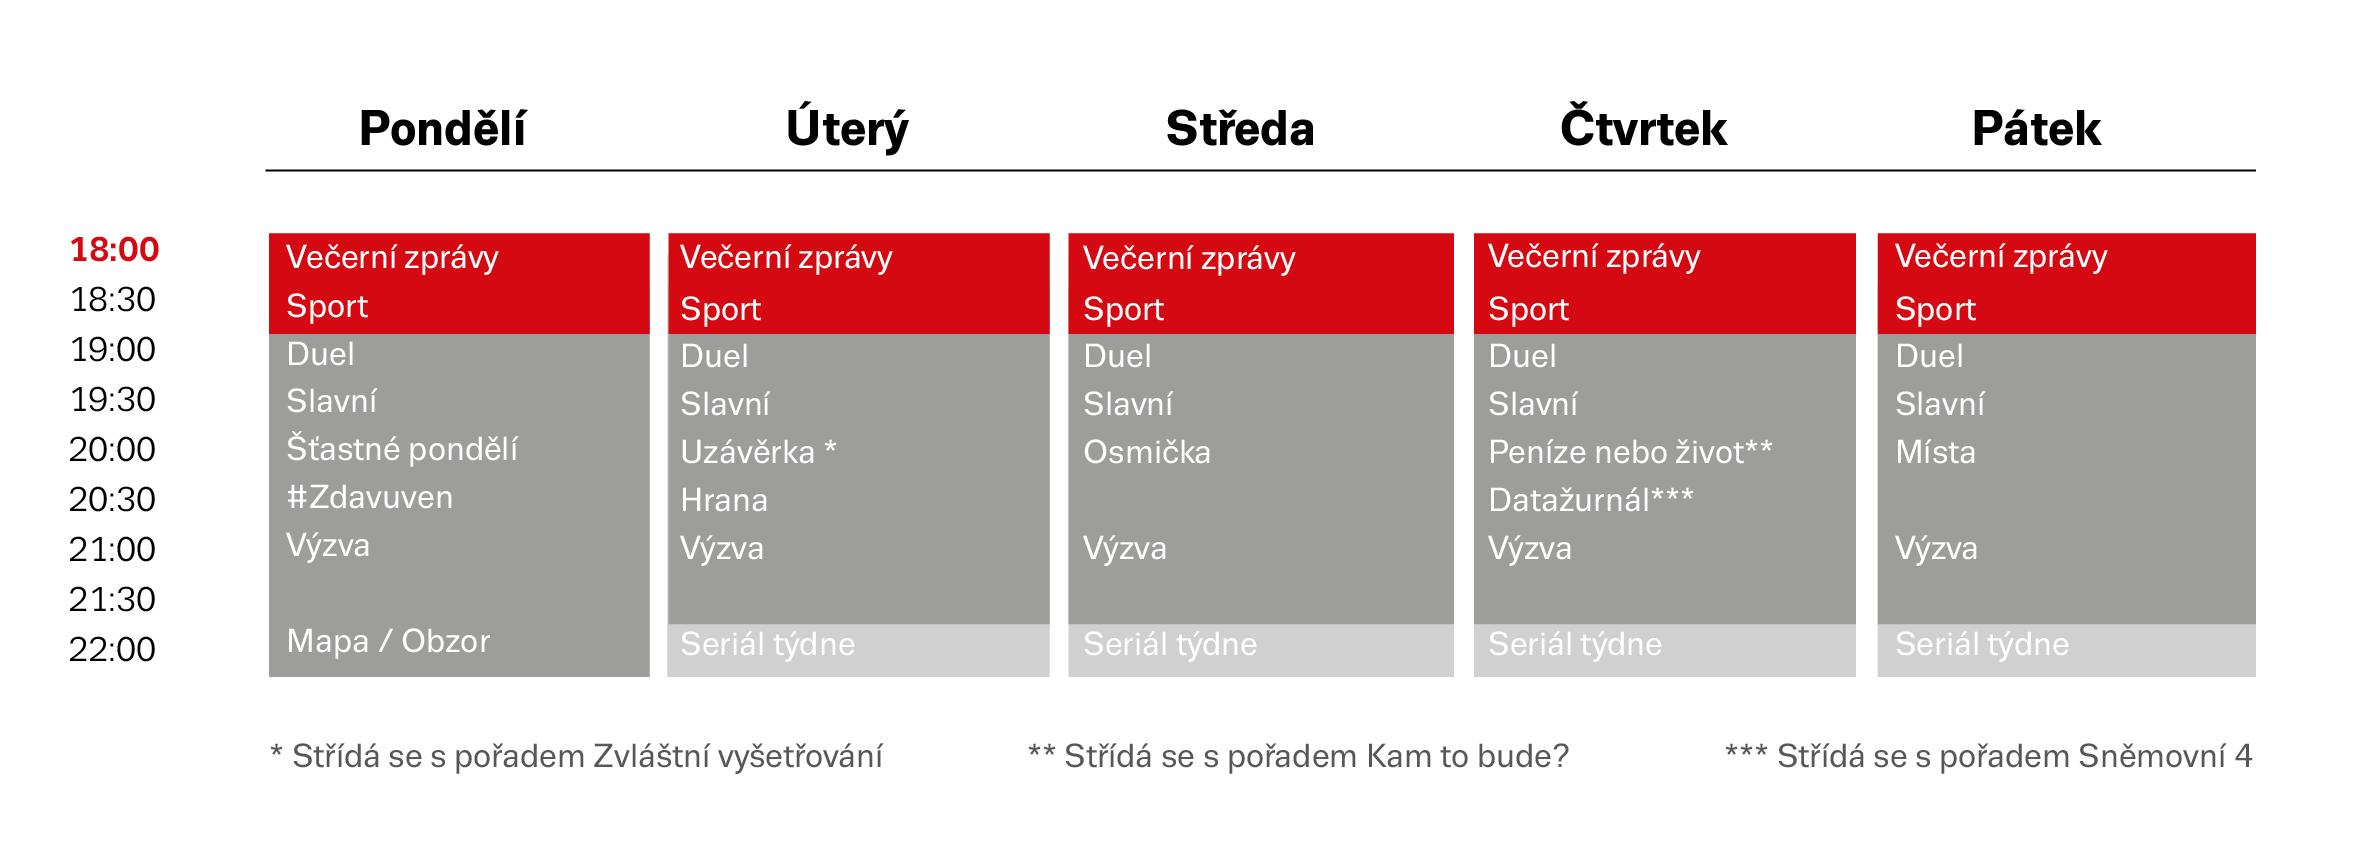 Týdenní programové schéma Televize Seznam